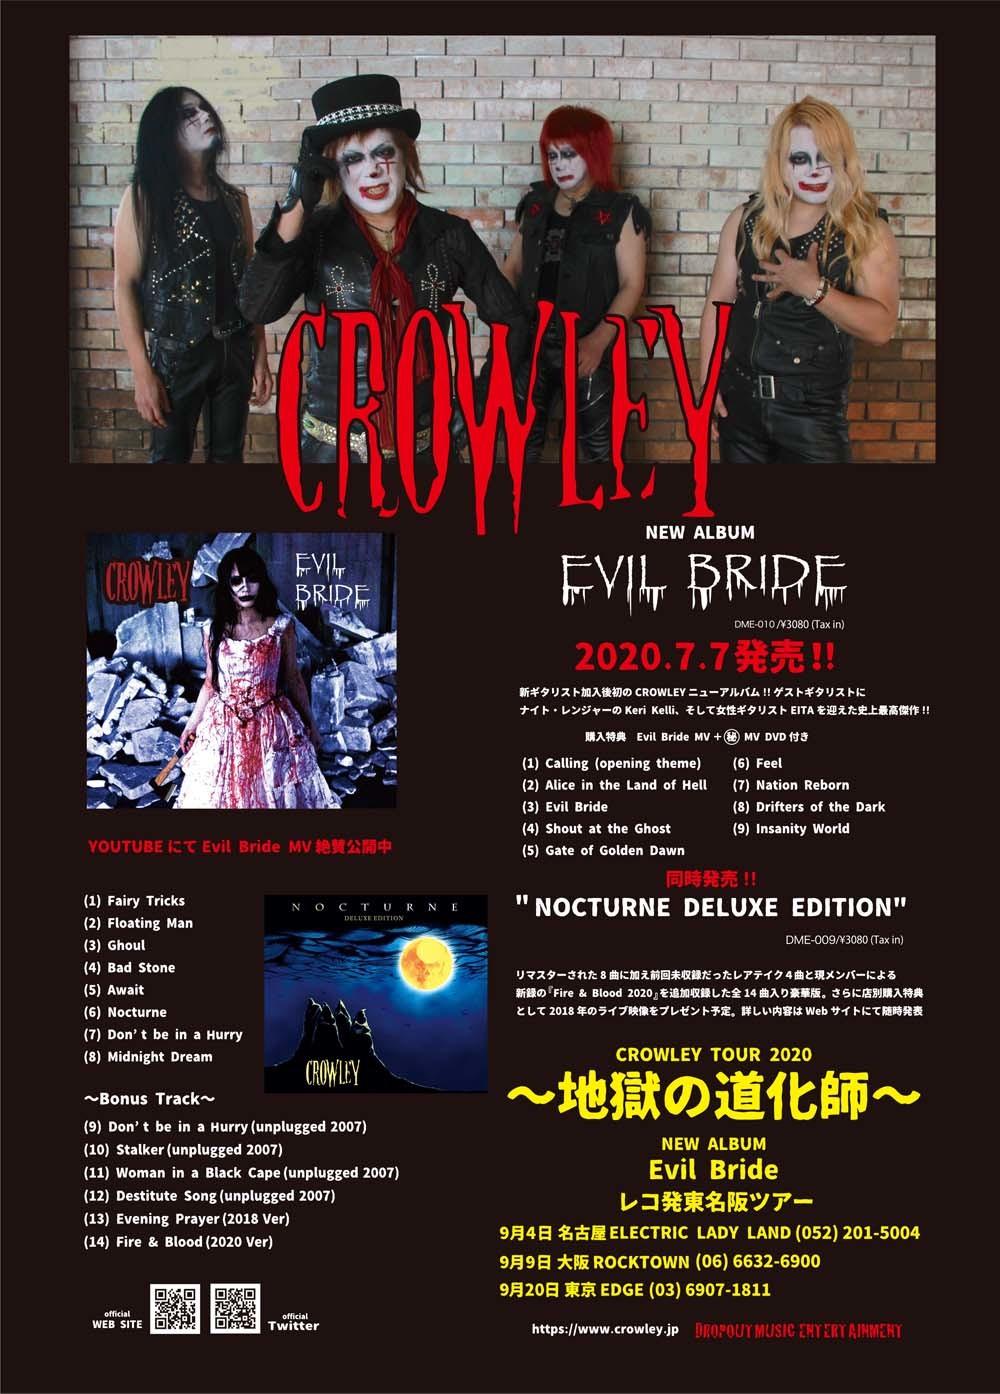 crowley-crowley_tour_2020_flyer1.jpg